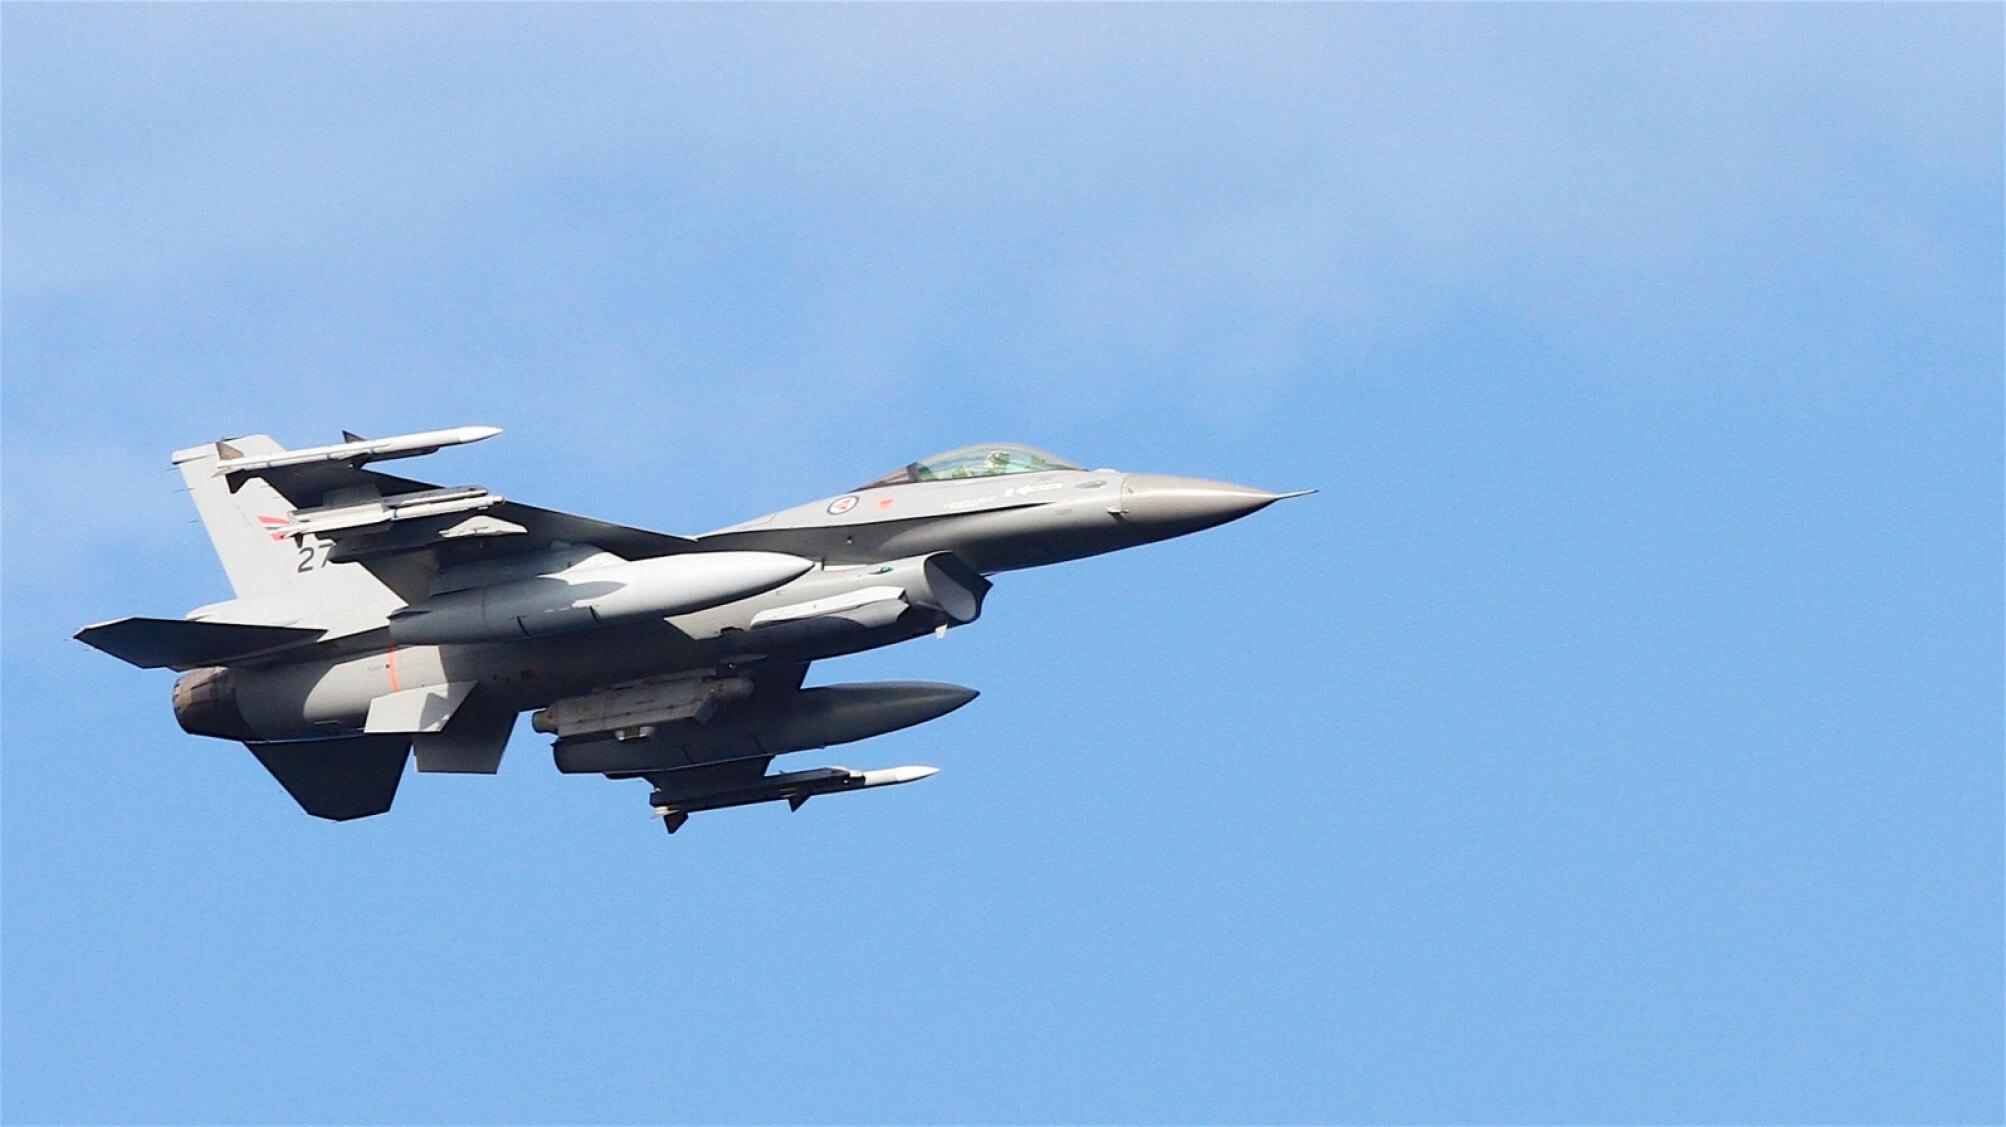 Fighter Jet - Original image